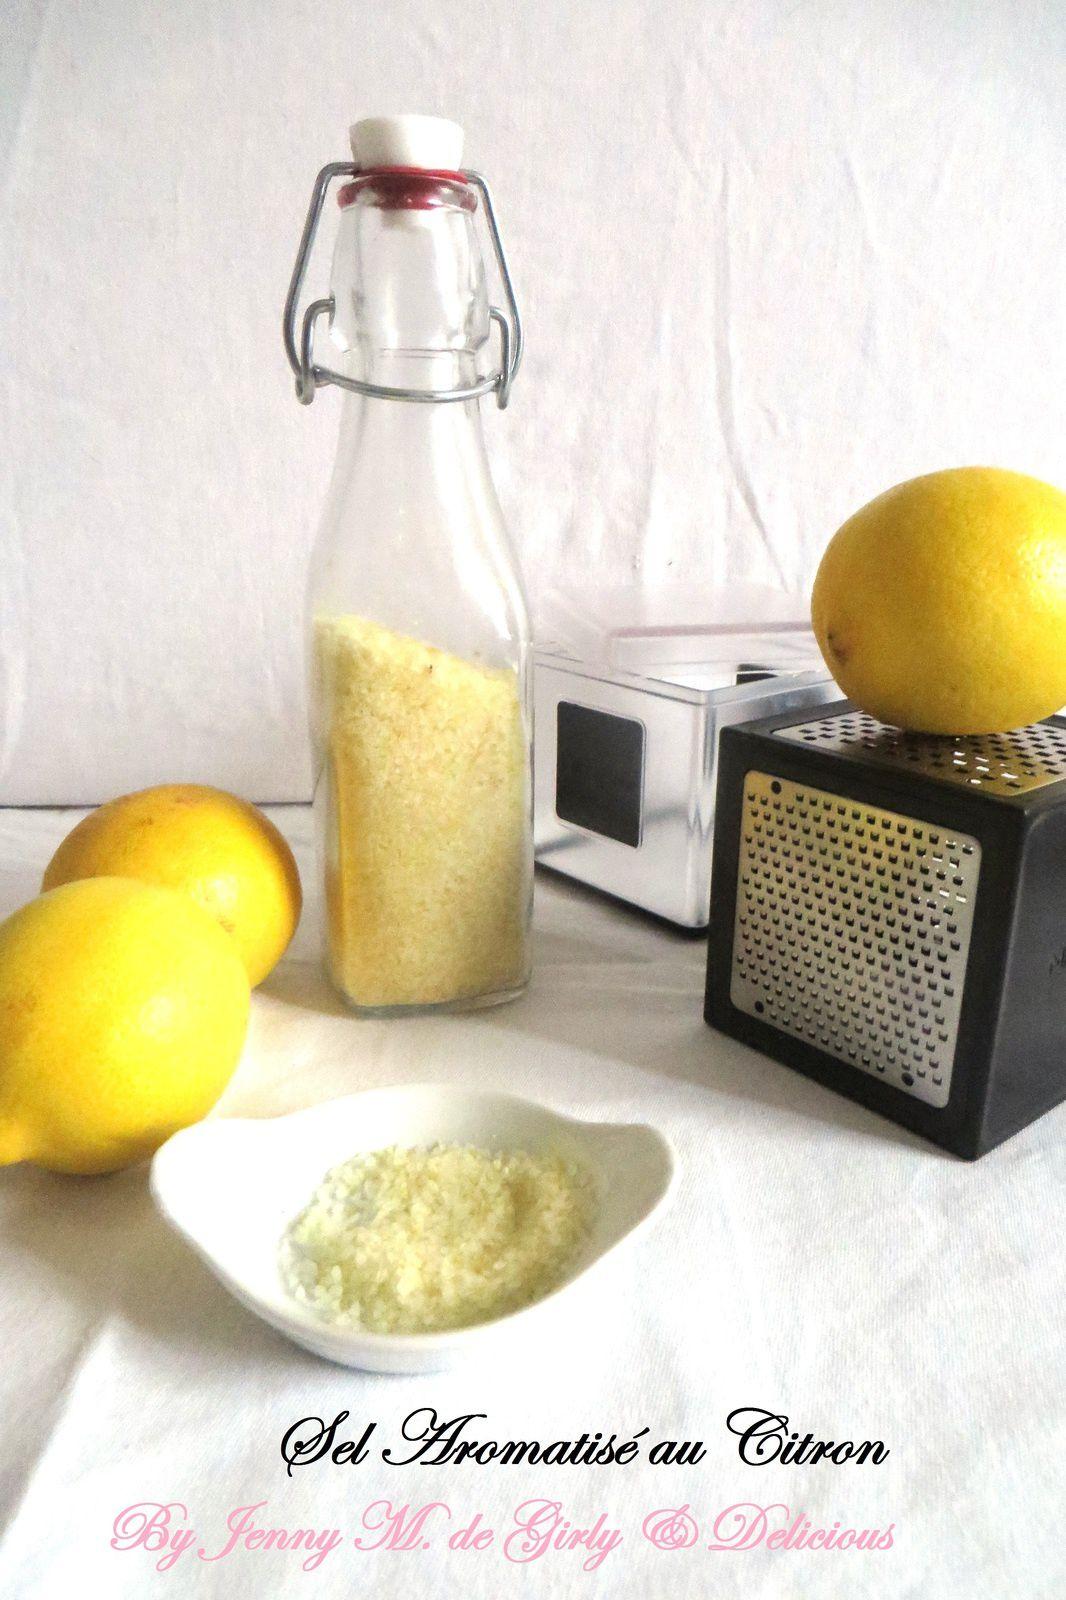 Sel aromatisé au citron